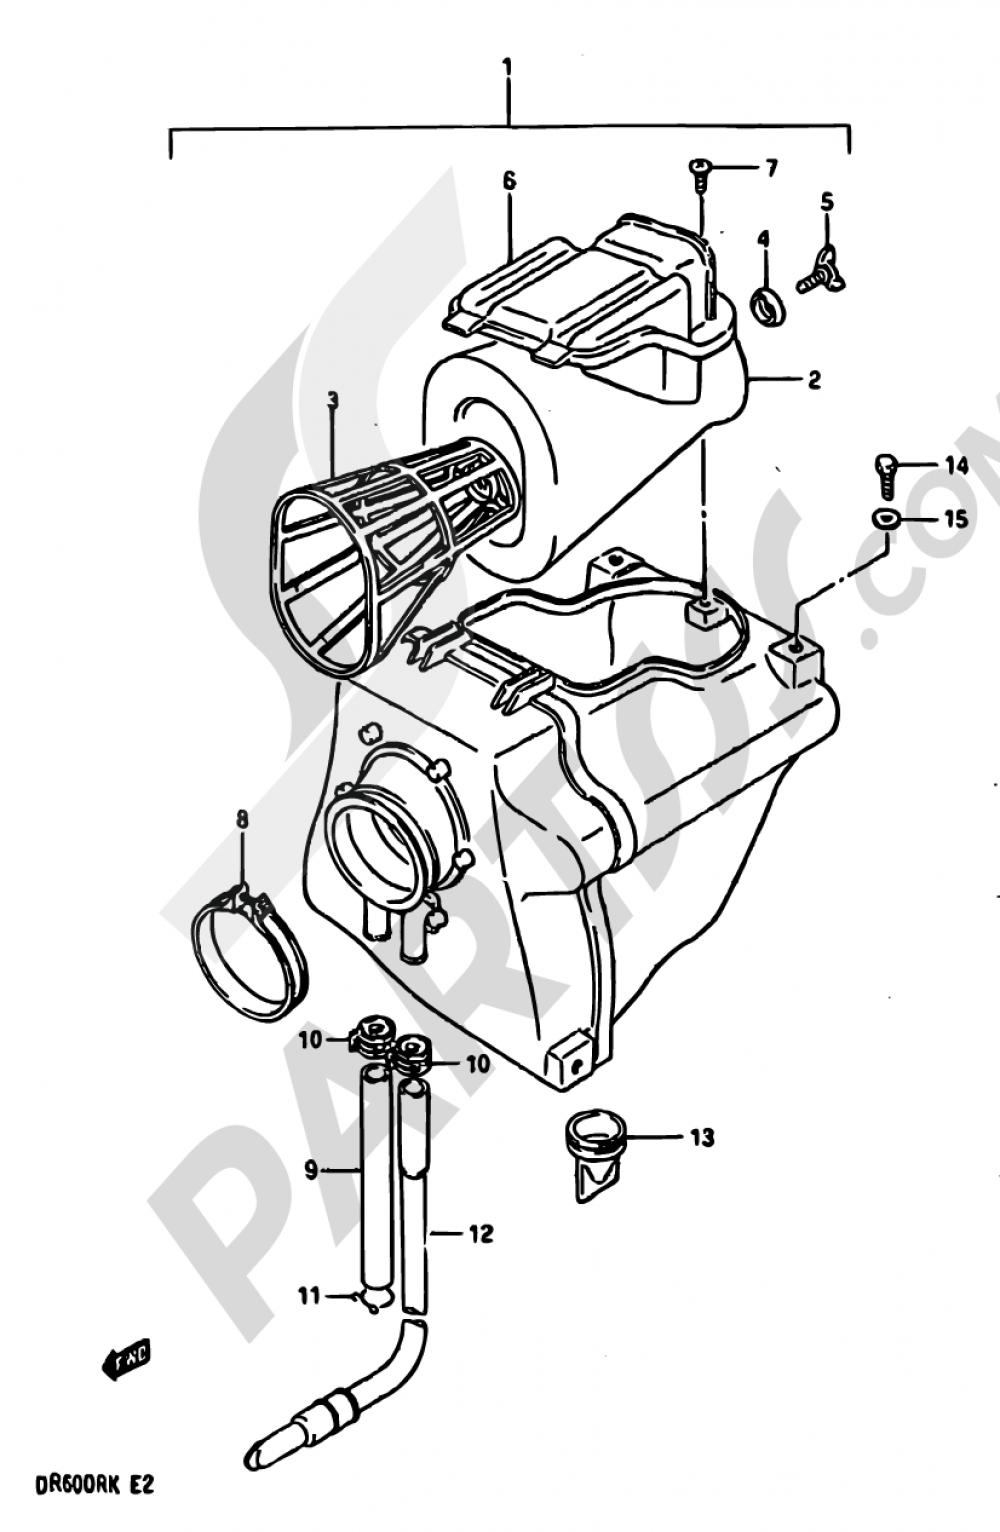 12 - AIR CLEANER Suzuki DR600R 1986